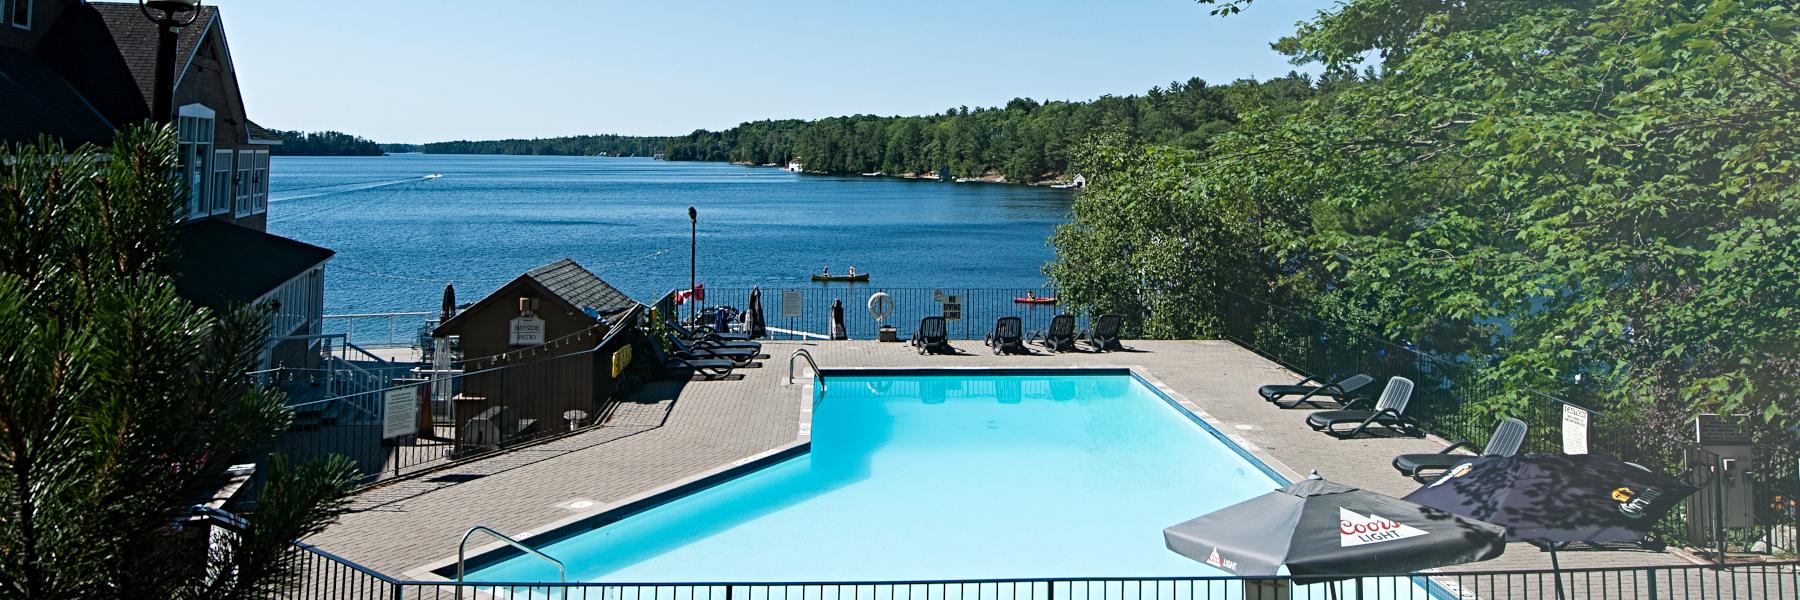 Lake Joseph Pool